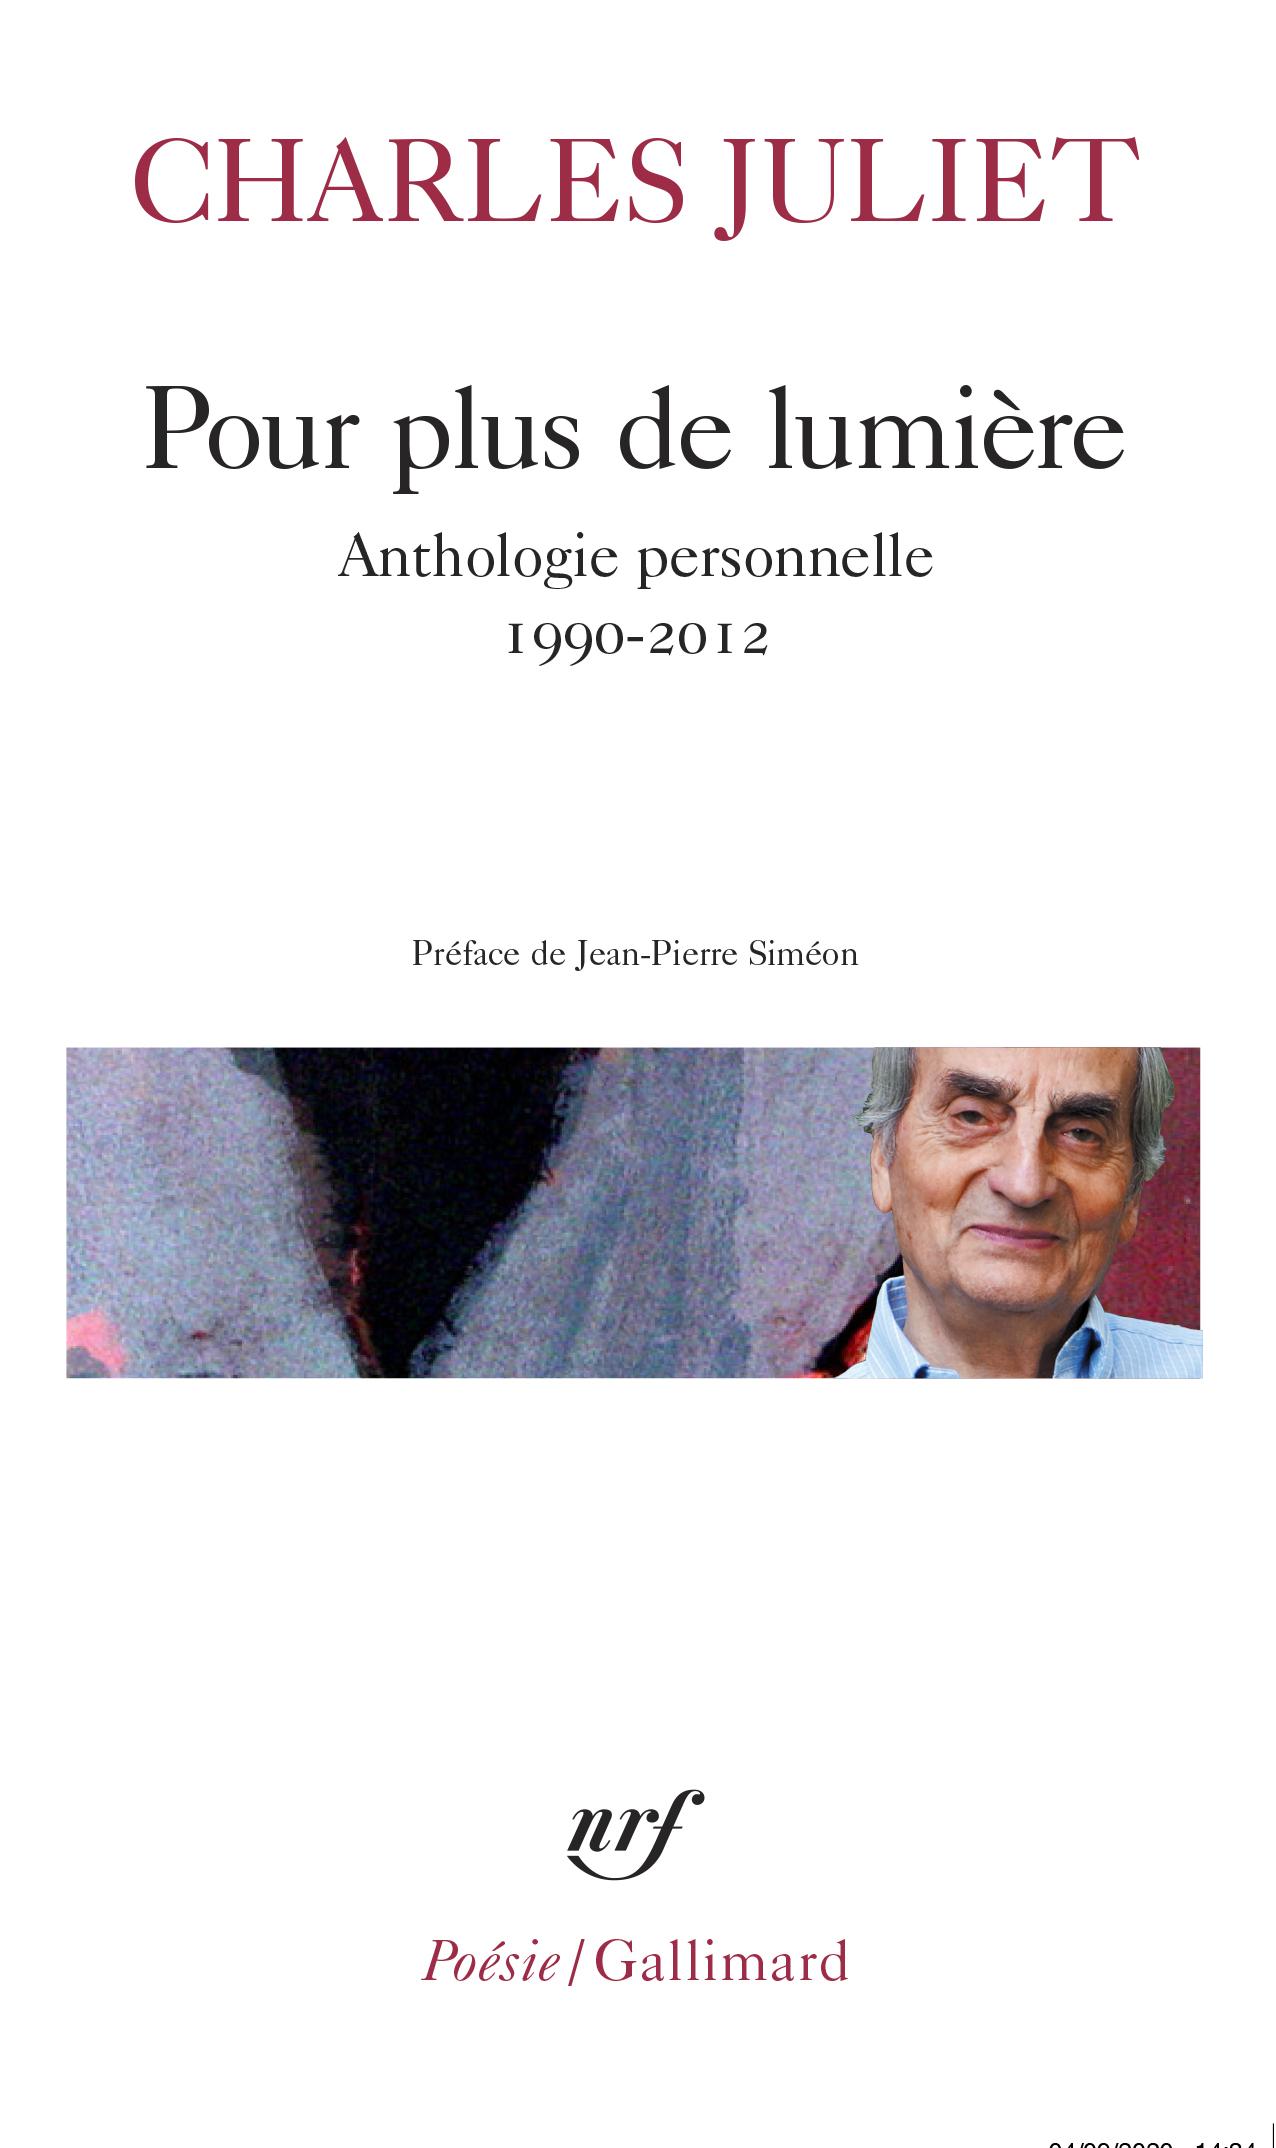 Ch. Juliet, Pour plus de lumière. Anthologie personnelle (1990-2012)